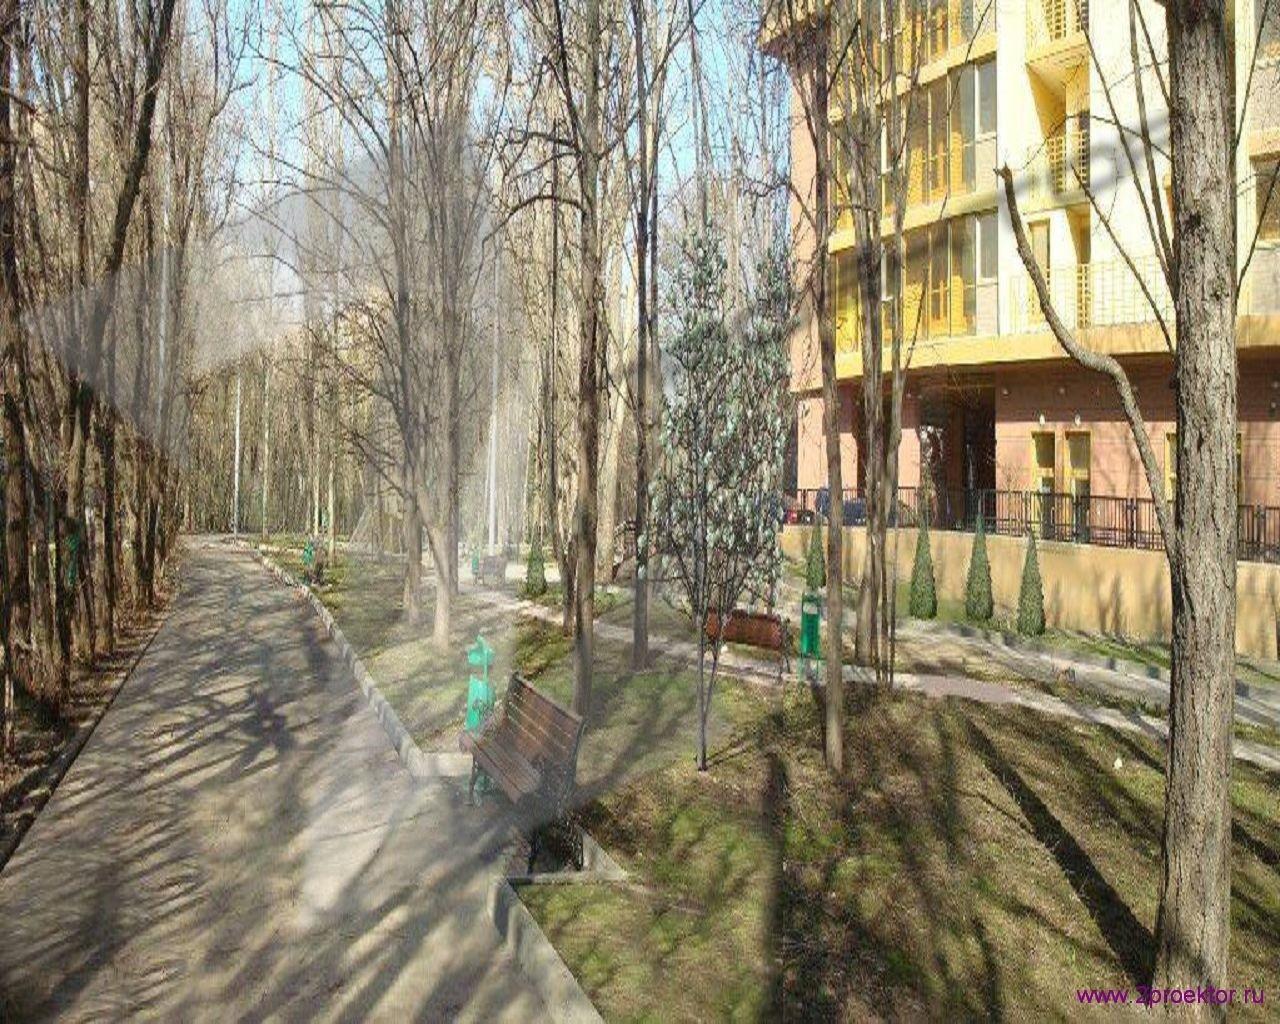 Дворовая территория Жилого комплекса Суворов парк